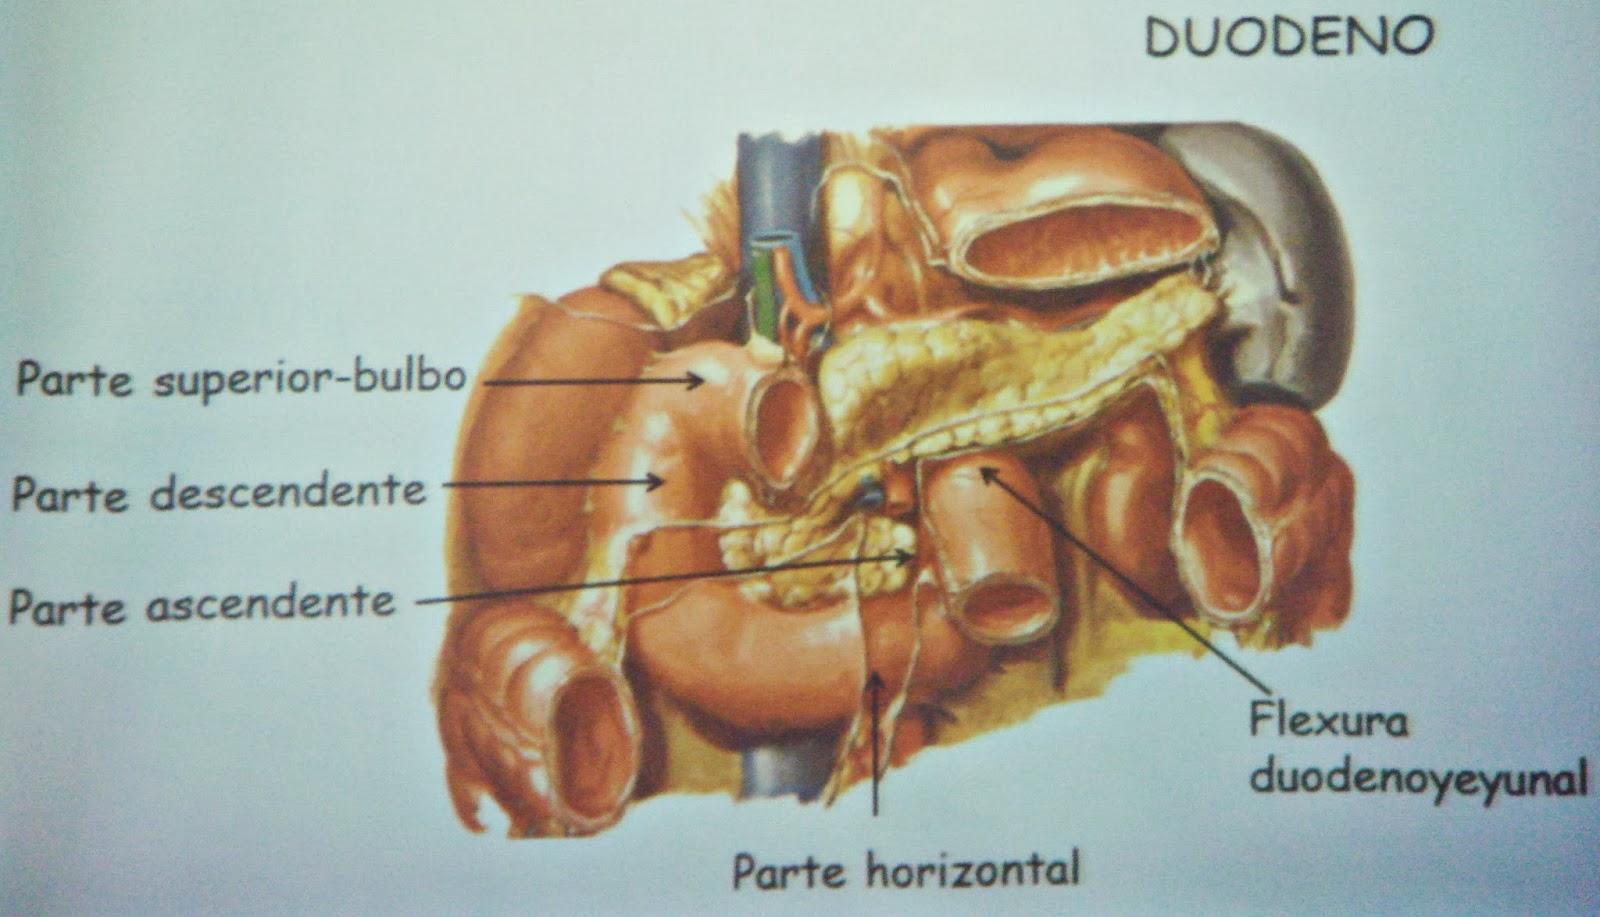 Intestino delgado o tenue: partes y funciones - Sistema digestivo